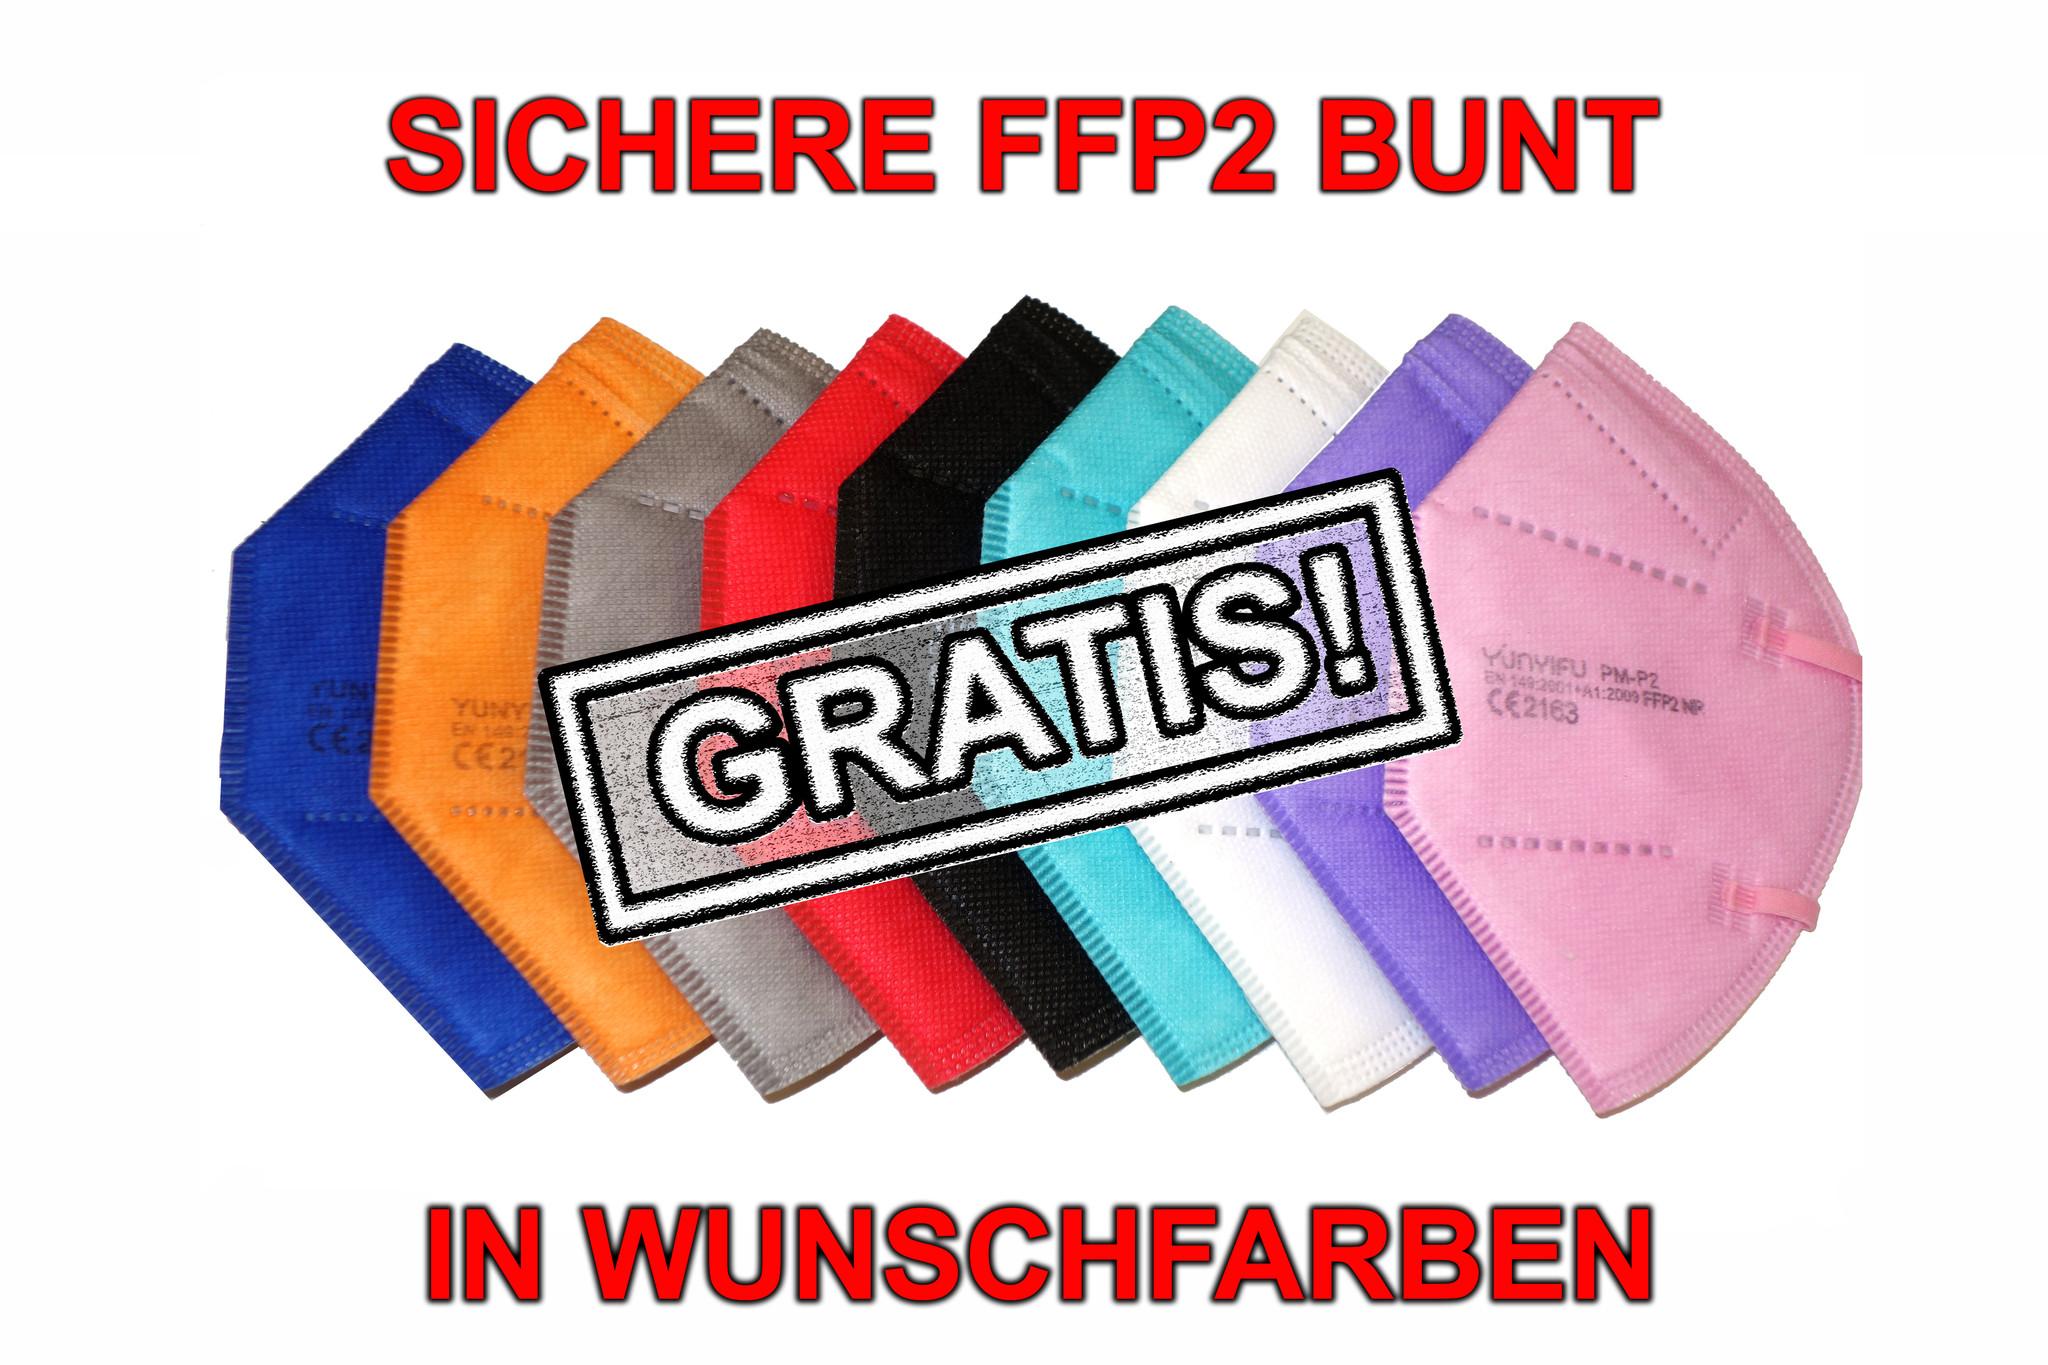 bunte FFP2 Masken in Farben, FFP2 Masken farbig, FFP2 Masken bunt, farbige FFP2 Masken, bunte FFP2 Masken günstig, bunte FFP2 Masken Gratis, Bunte FFP2 Masken gute Preis